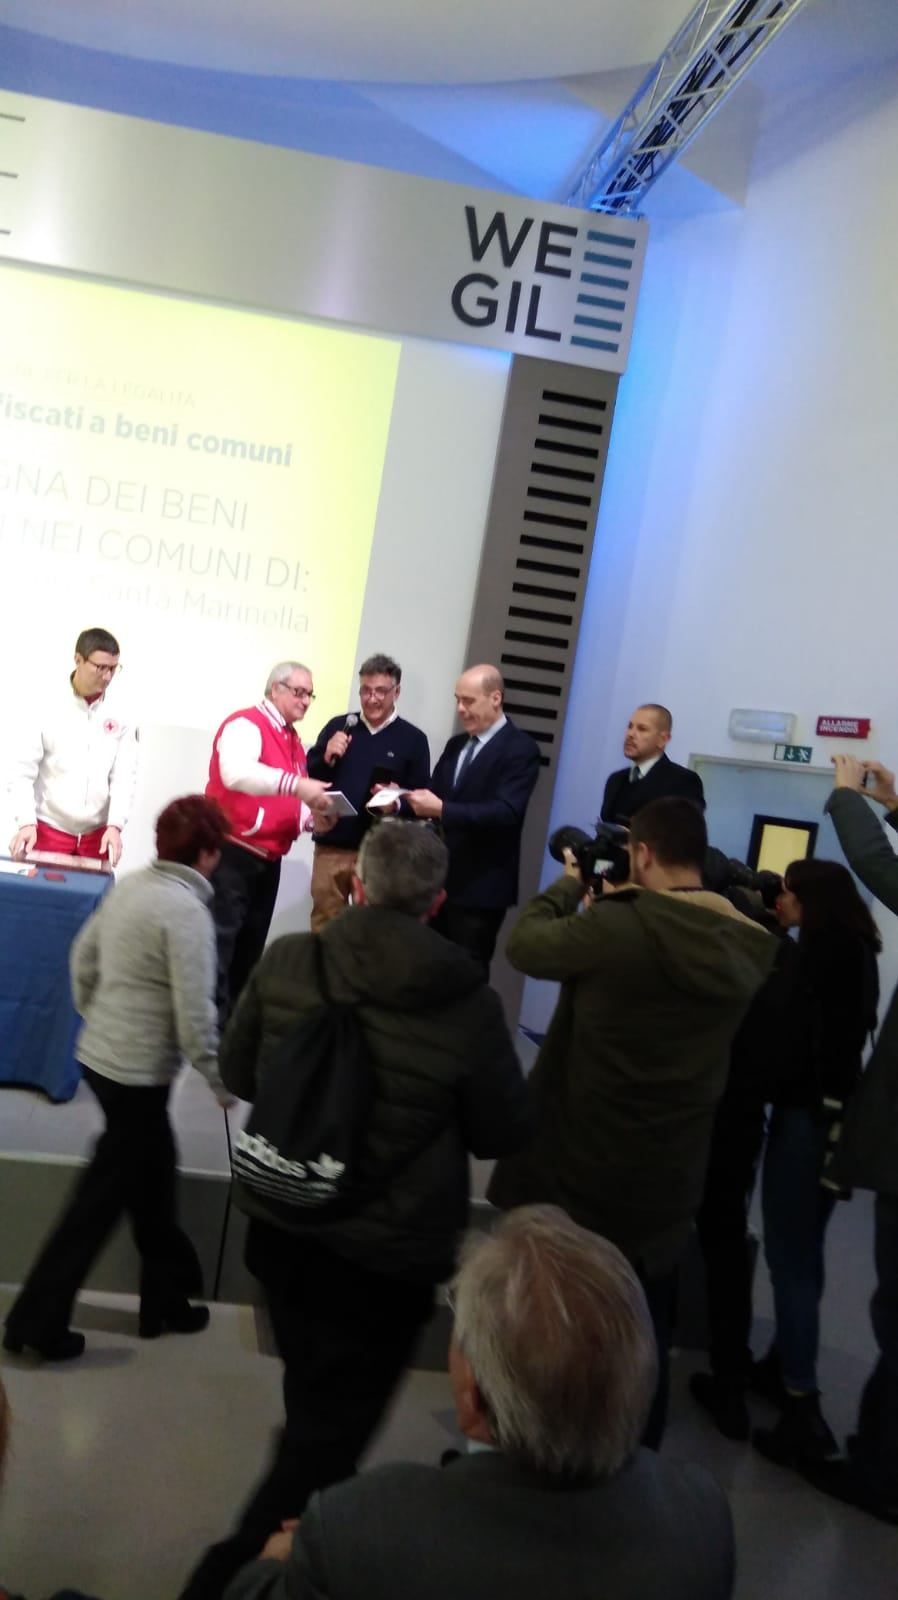 L'Avis di Marino ha ricevuto stamattina le chiavi dei nuovi locali di Santa Maria delle Mole dal Governatore Zingaretti in una cerimonia ufficiale al WeGil di Roma